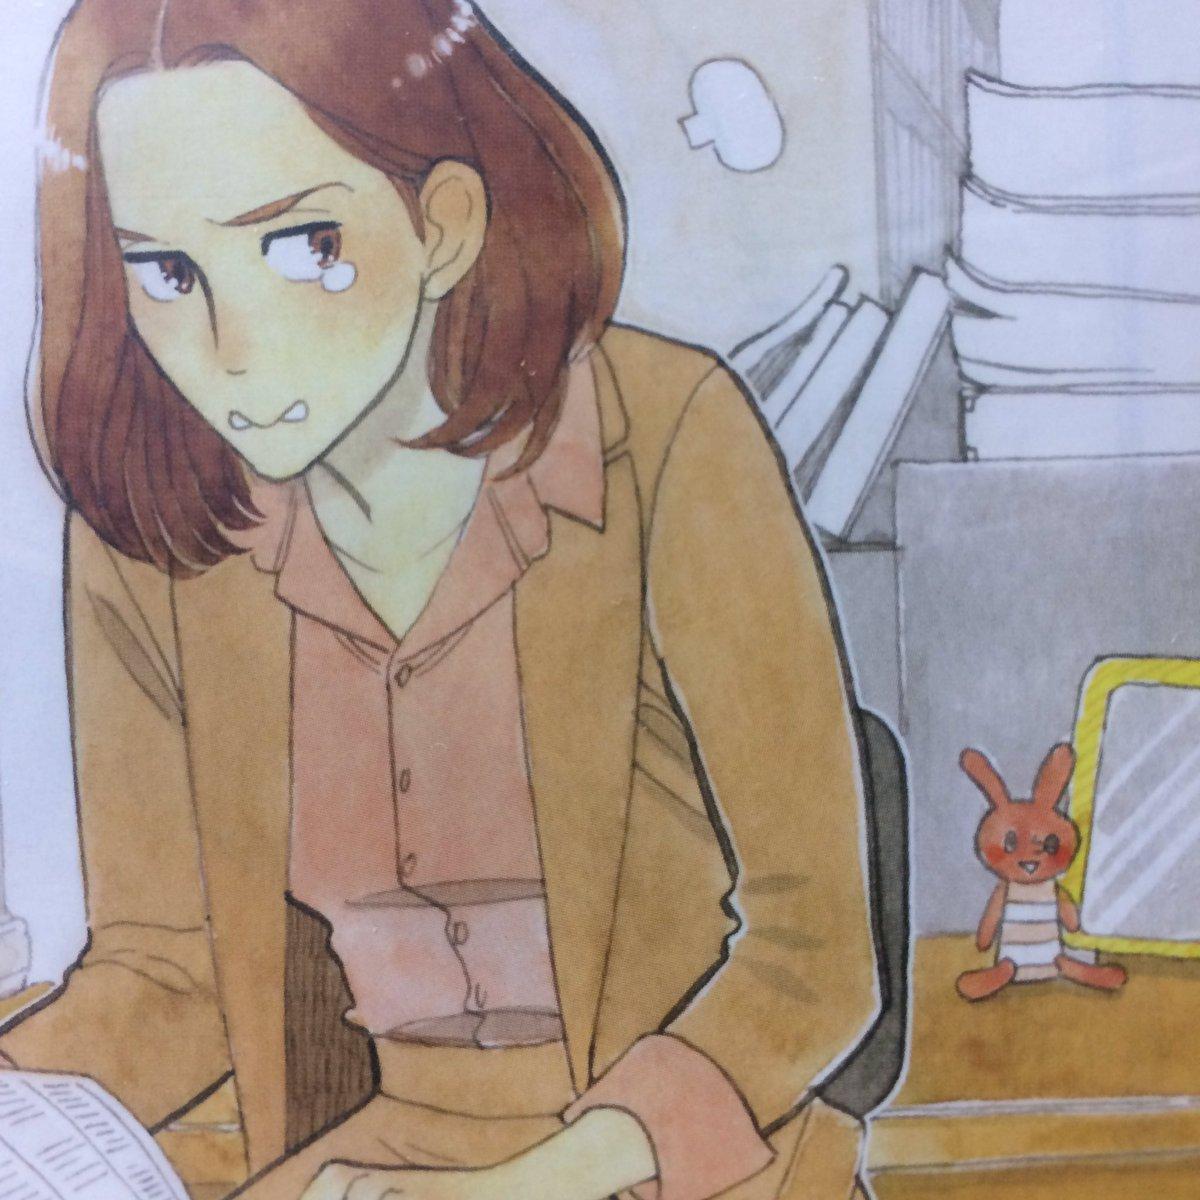 みどりちゃんが愛用してるうさぎのマスコット、実は小説の挿絵でも何度か出てきてまして、なんとそれをアニメでも使ってくださっ